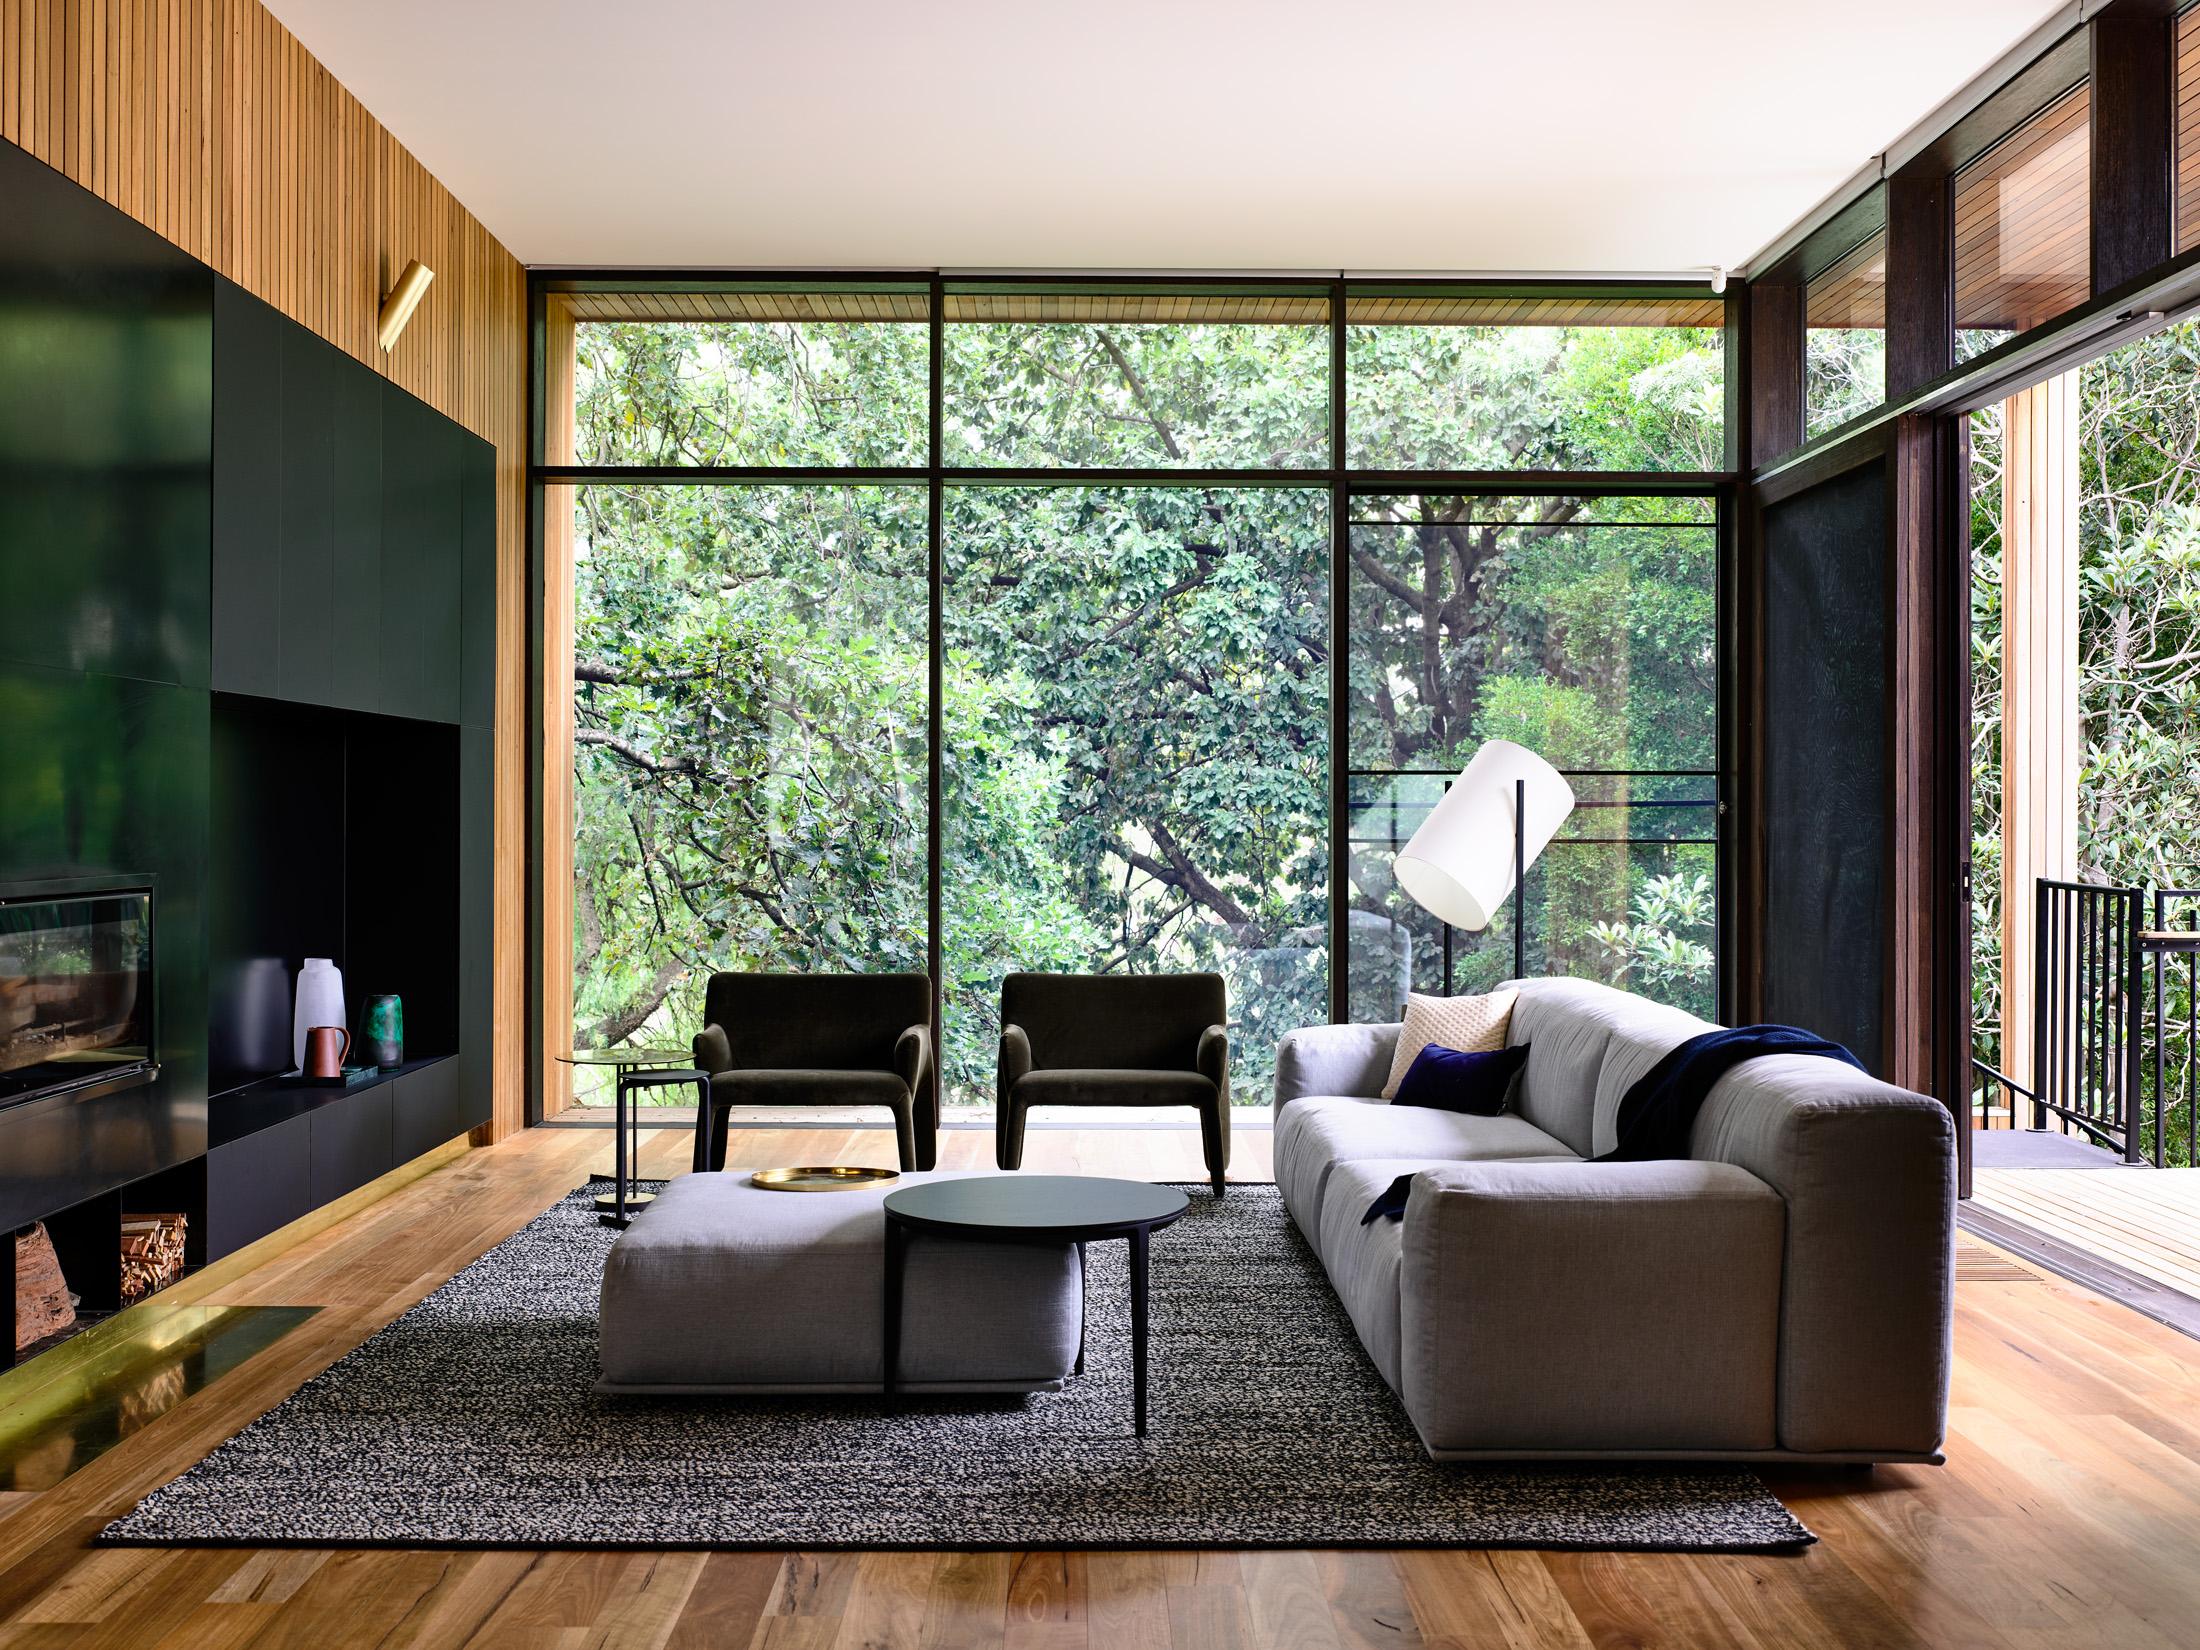 Auhaus Architecture - Derek Swalwell Photography